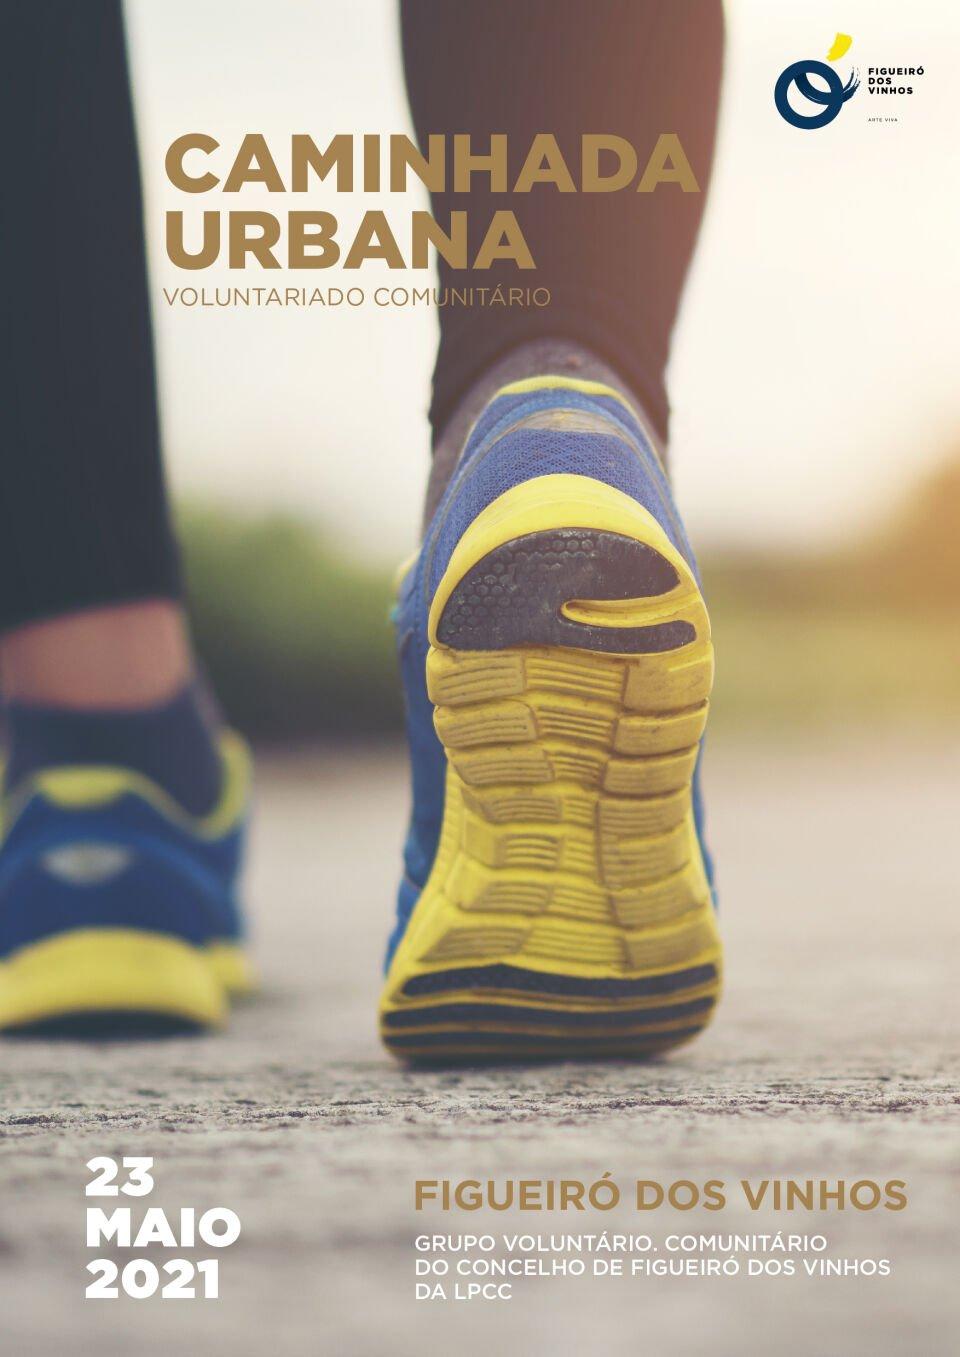 Caminhada Urbana - Voluntariado Comunitário